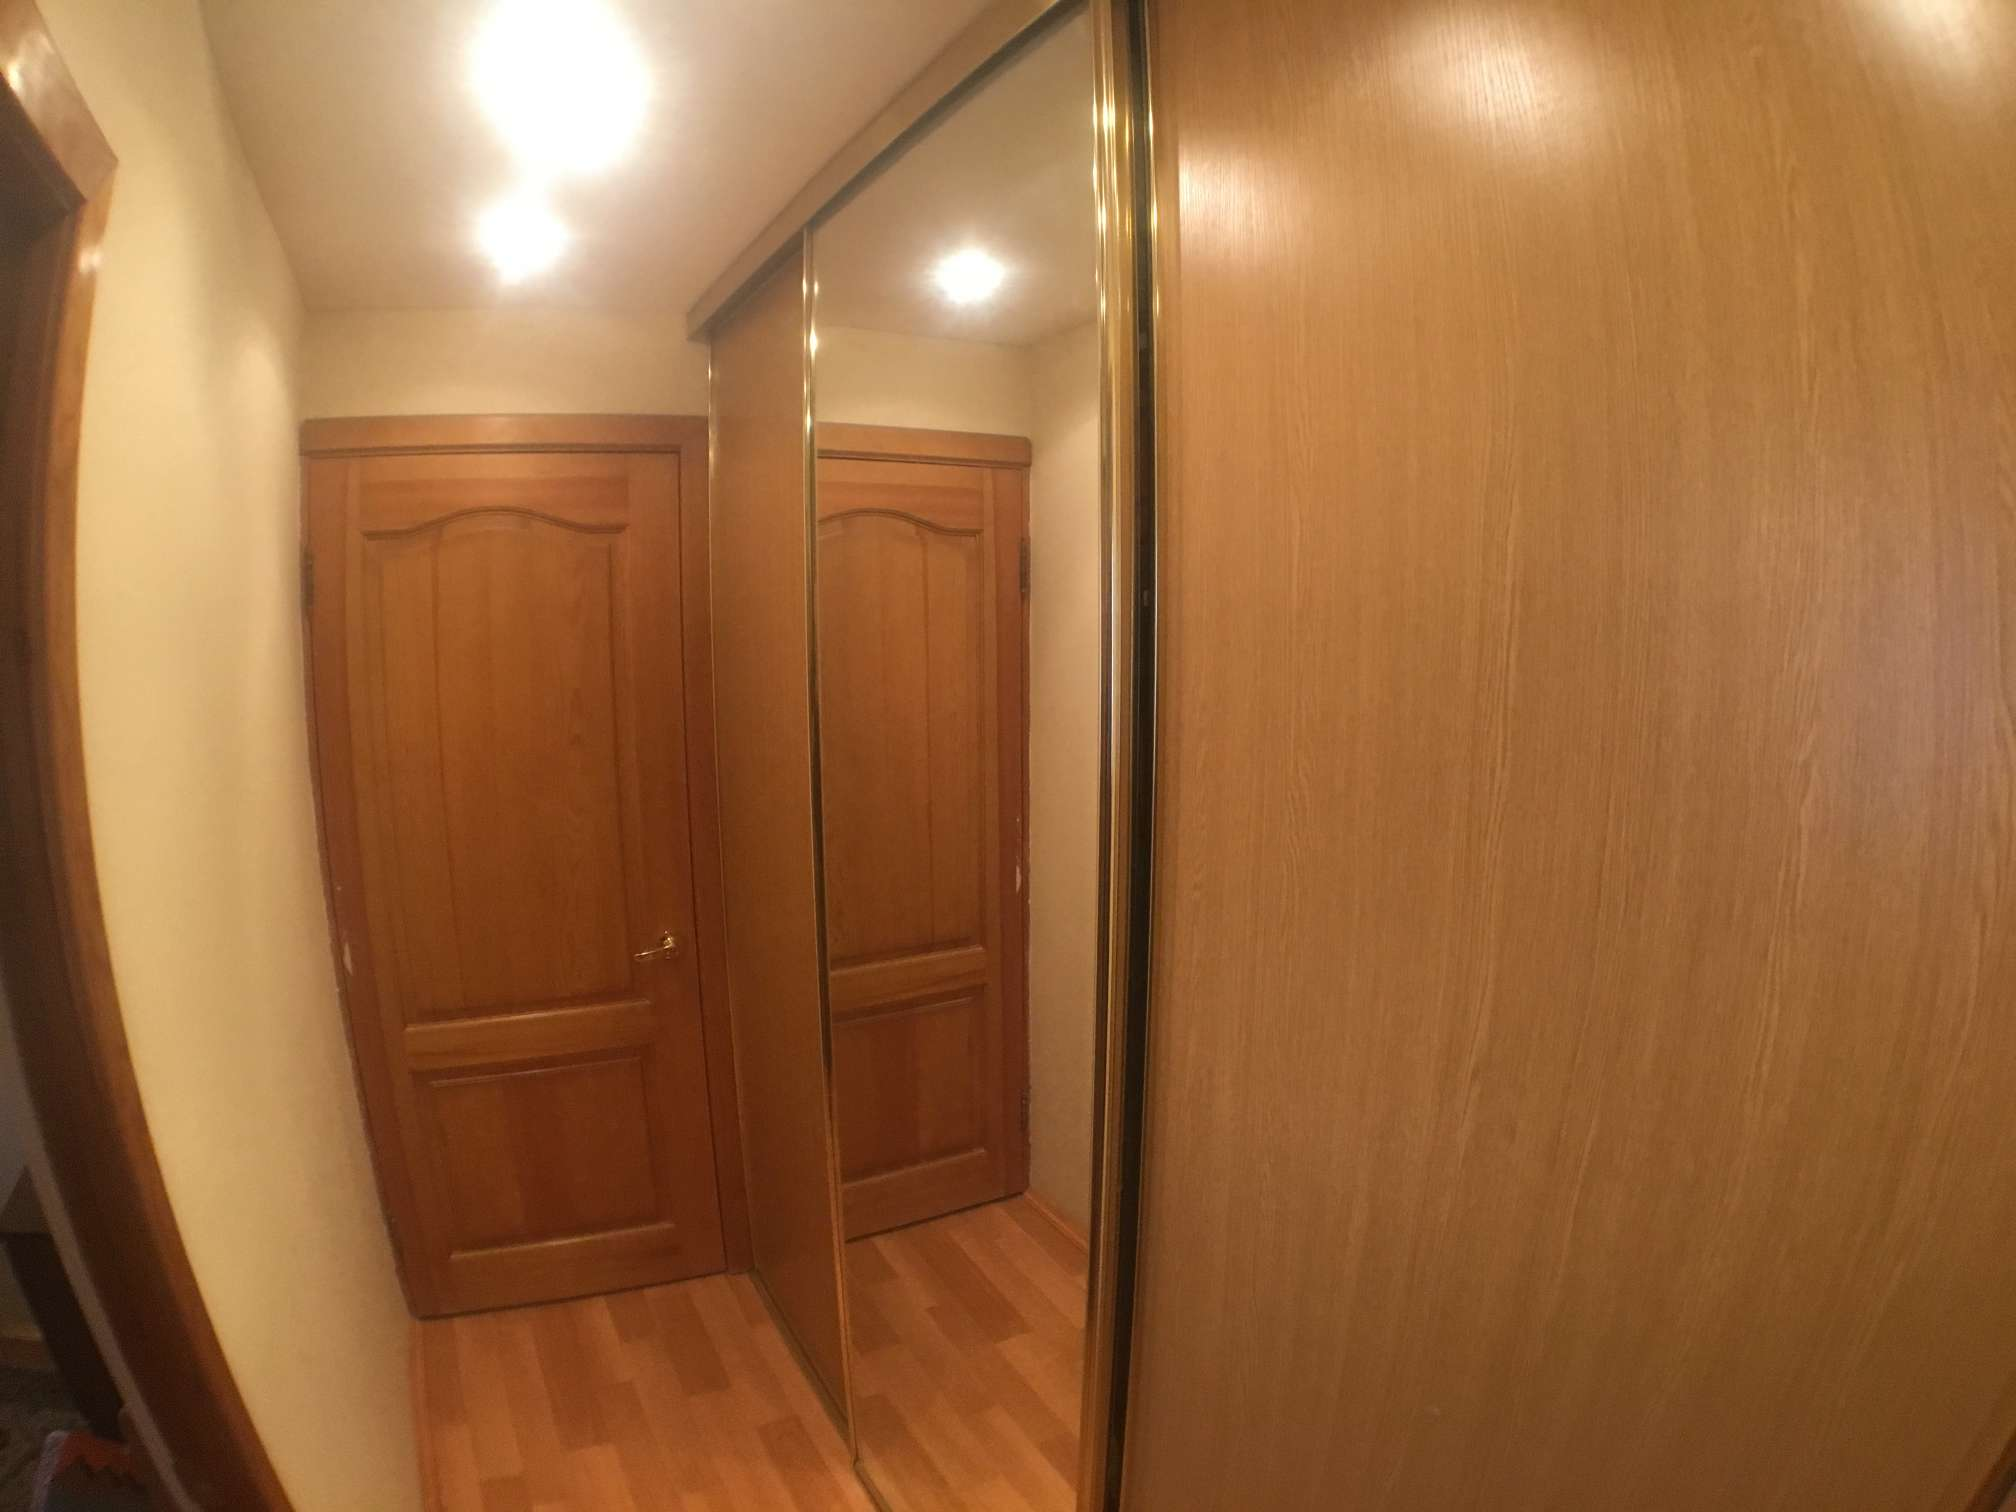 Аренда 2-комнатной квартиры, Самара, Красноармейская улица,  дом 23